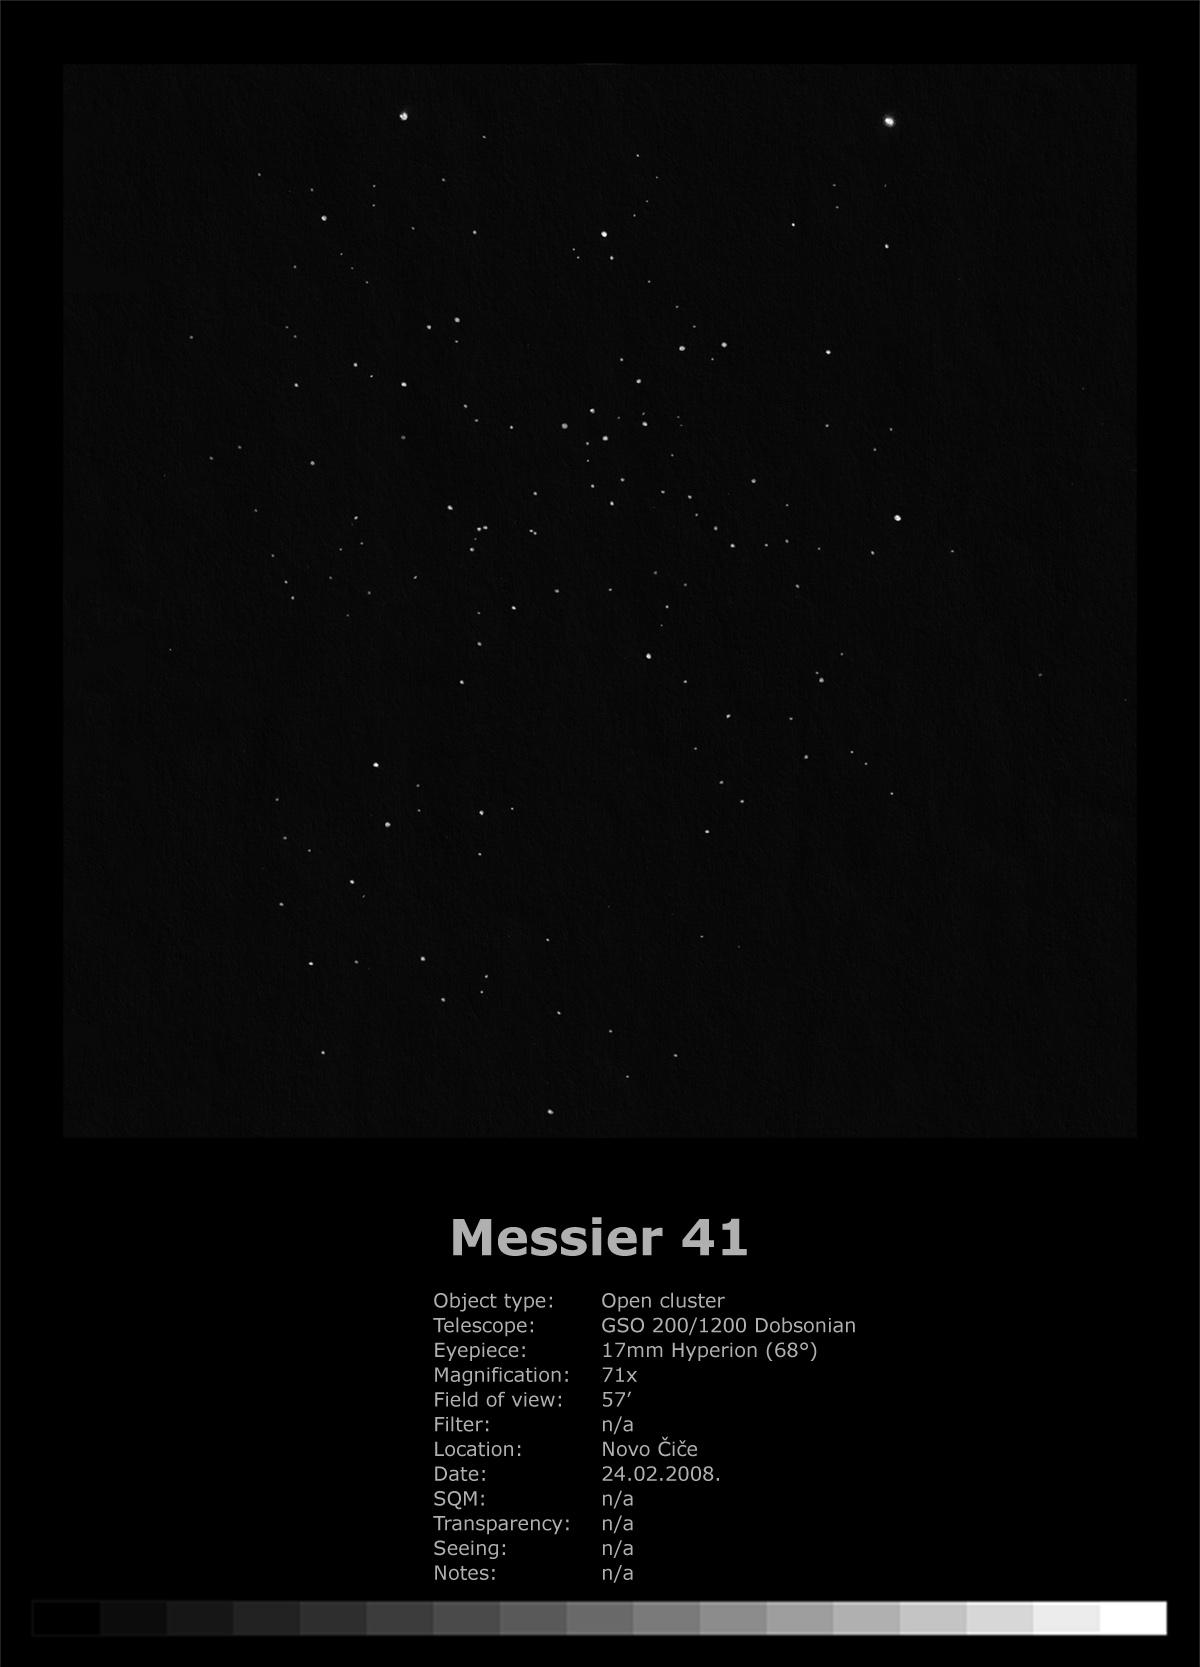 Messier 41 (2008)